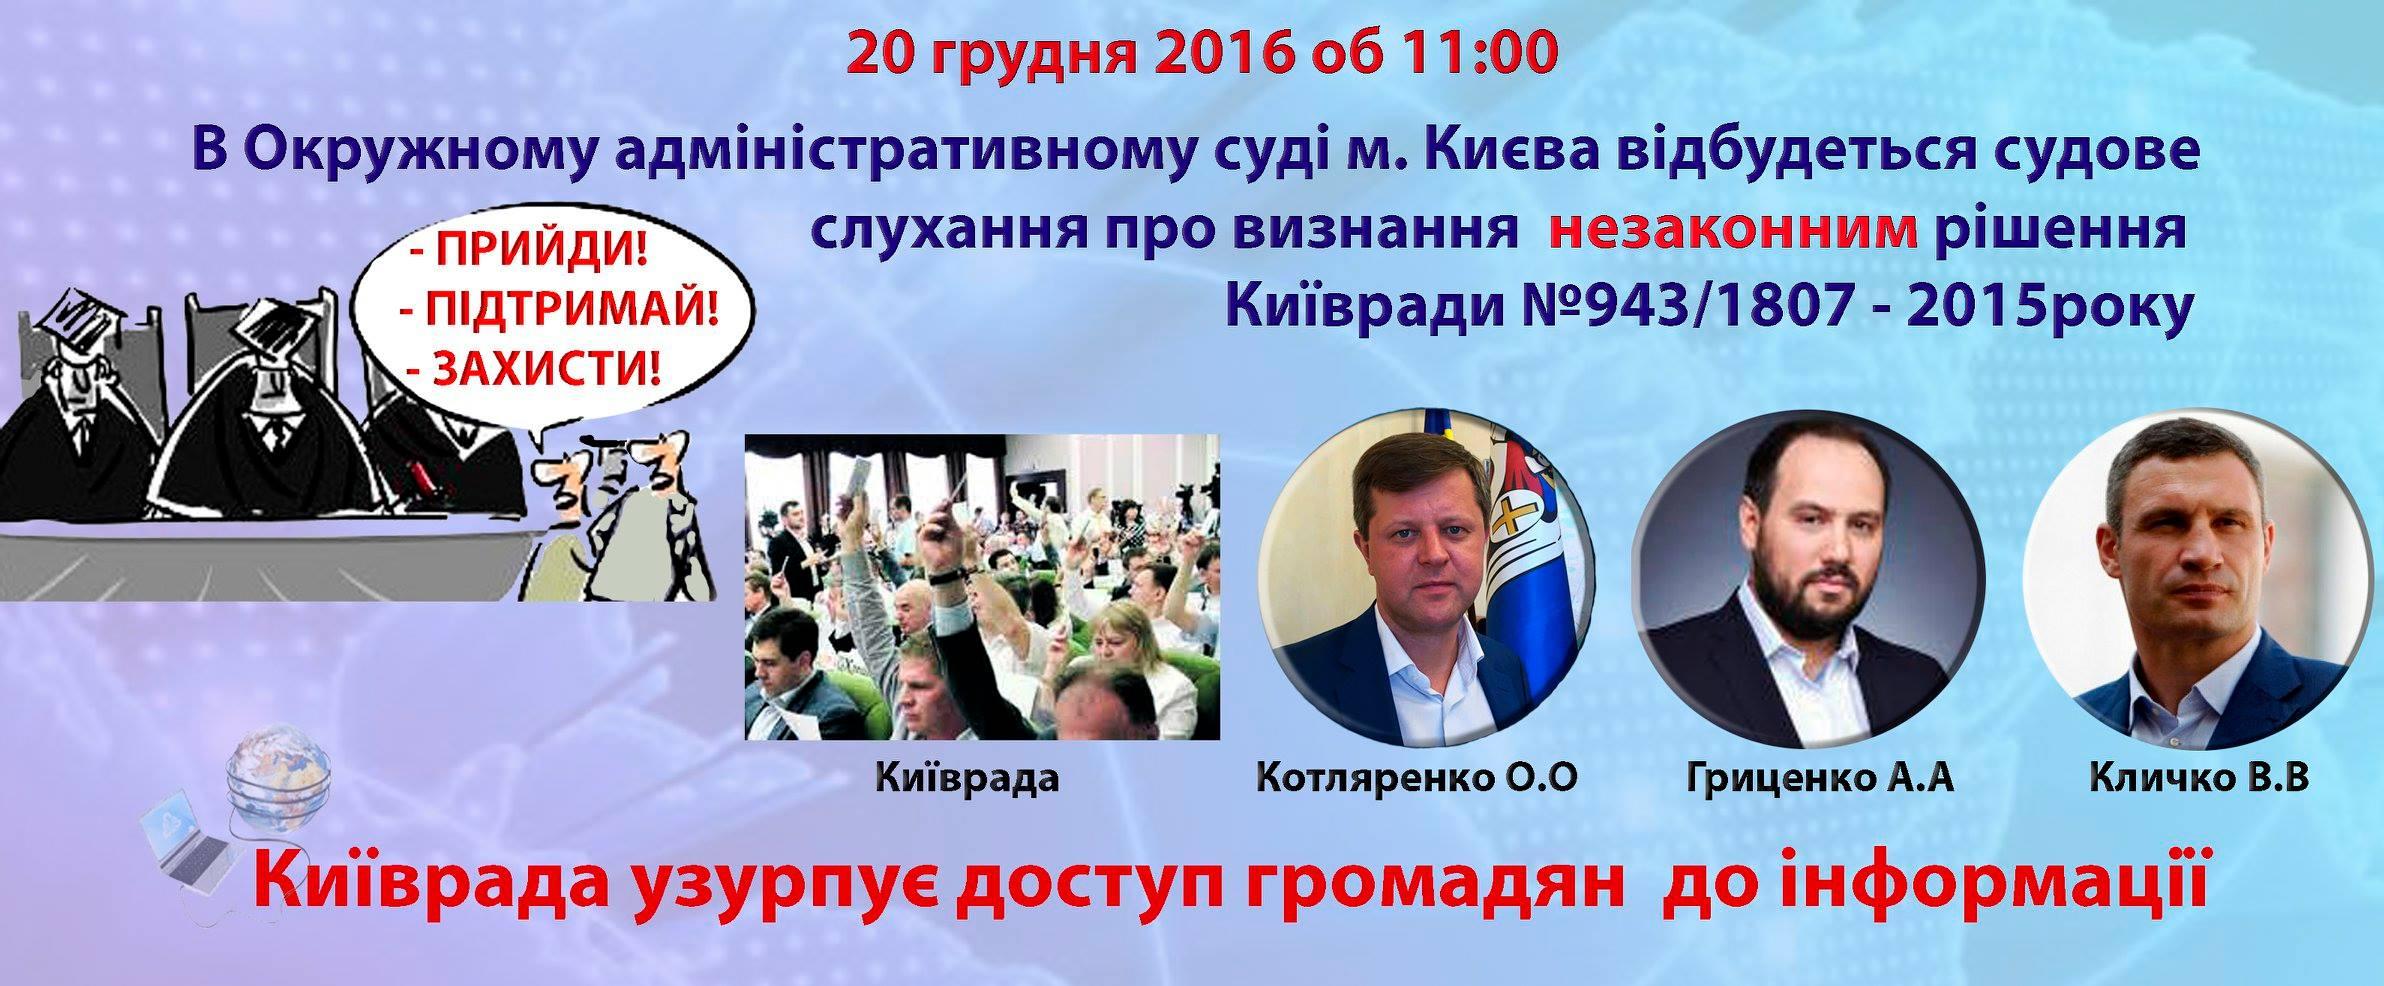 Київрада узурпує доступ до інформації громадян